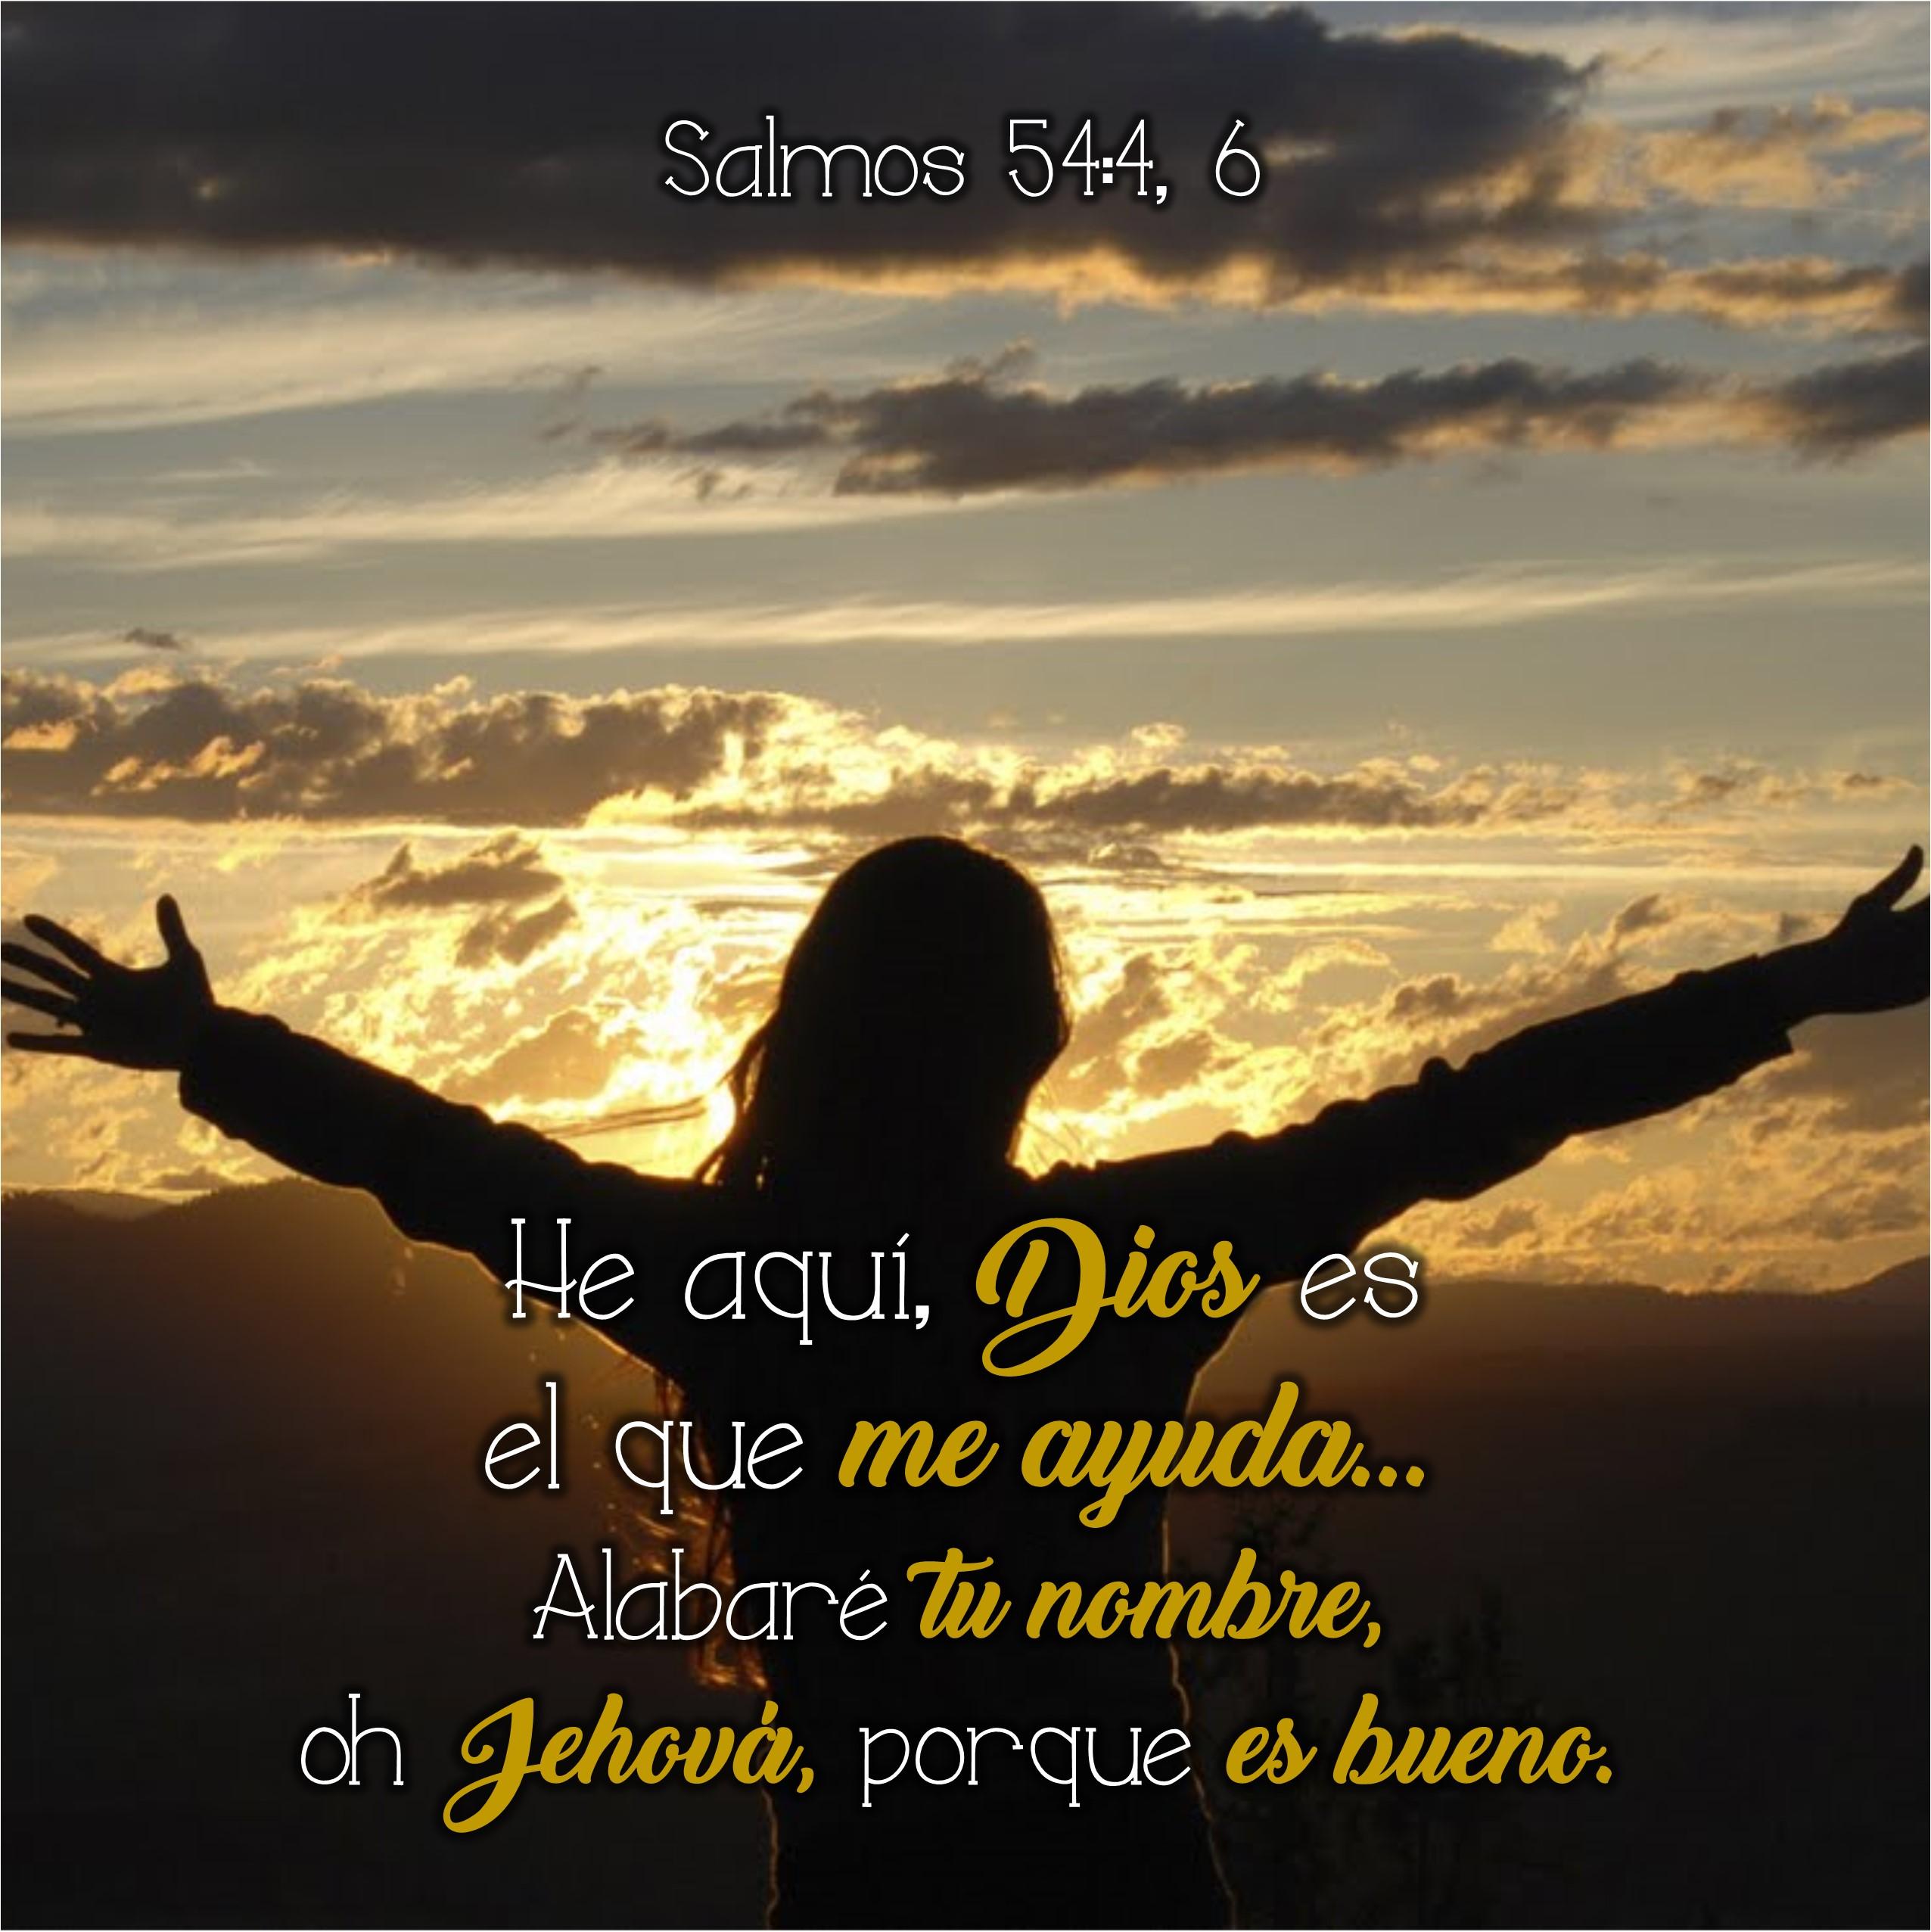 Salmos 54.4, 6 Anexo